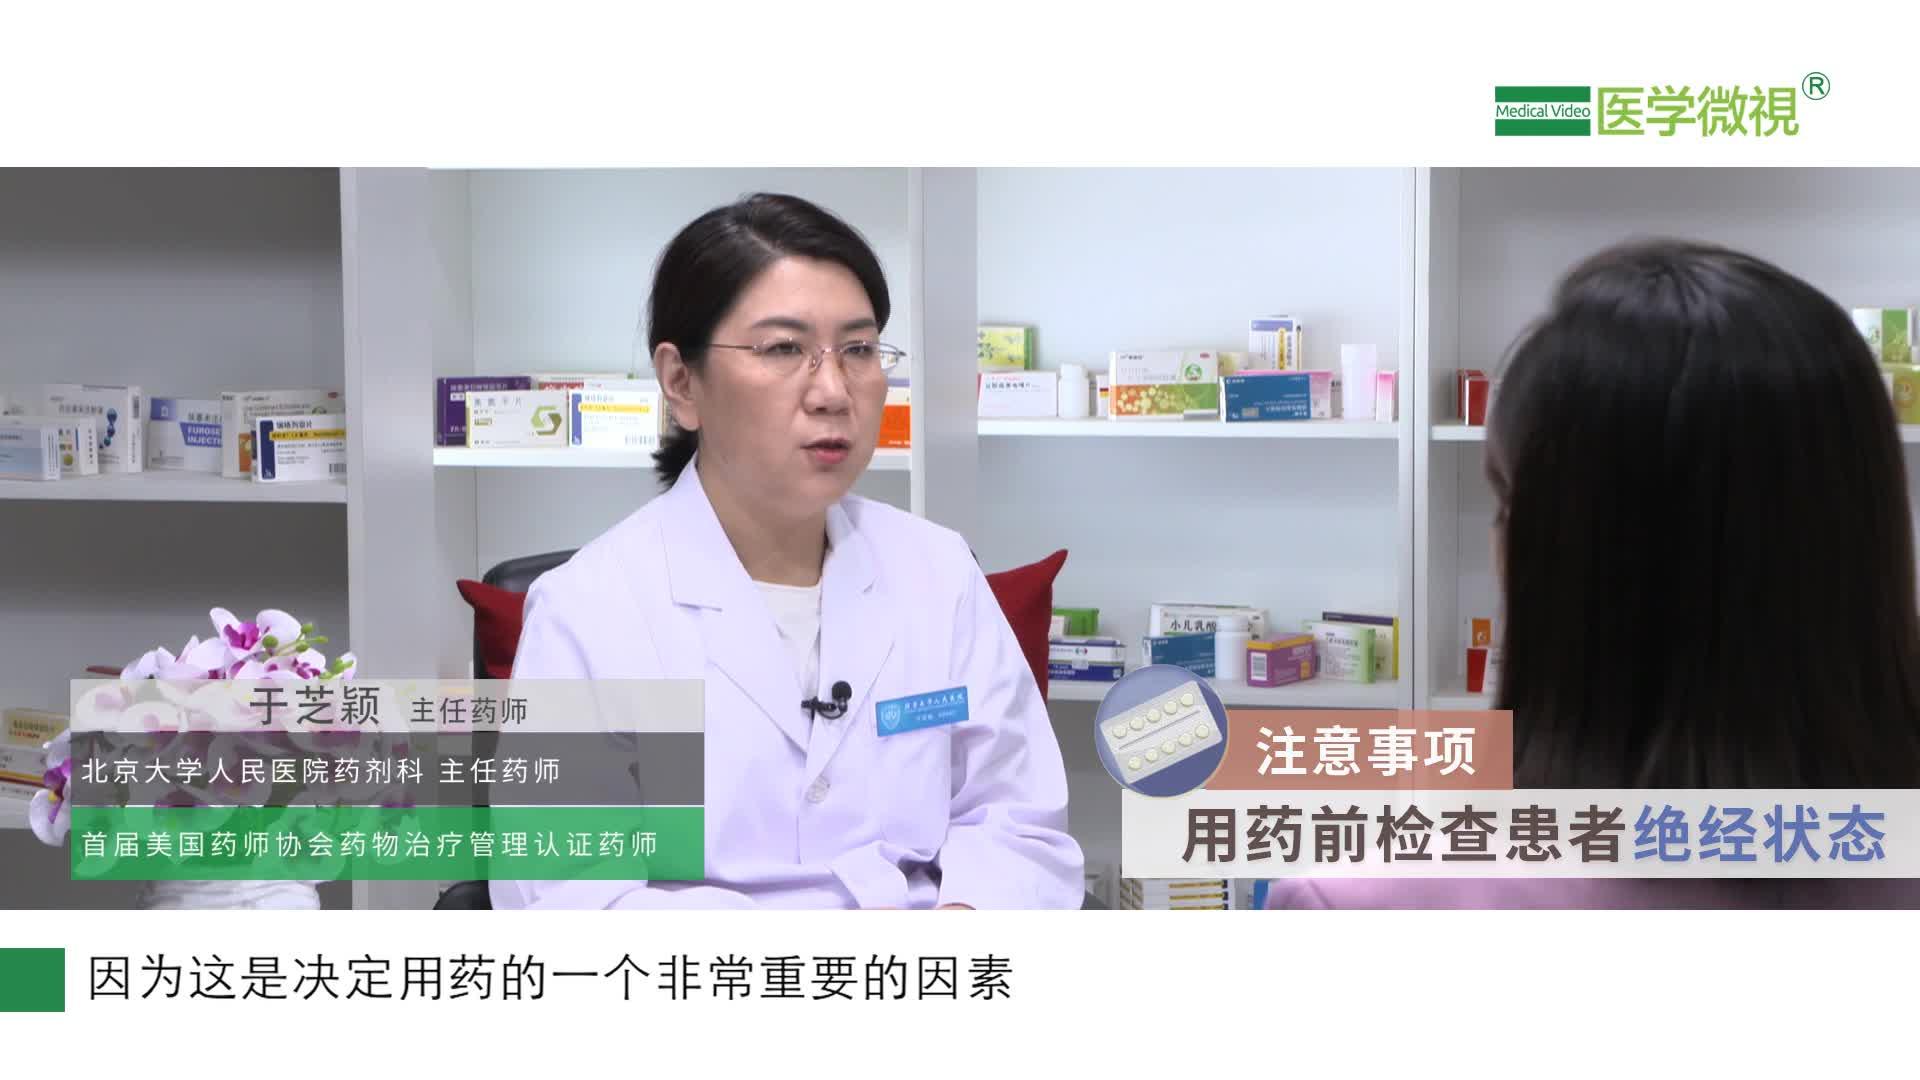 来曲唑能治疗乳腺癌吗?治疗时要注意什么?